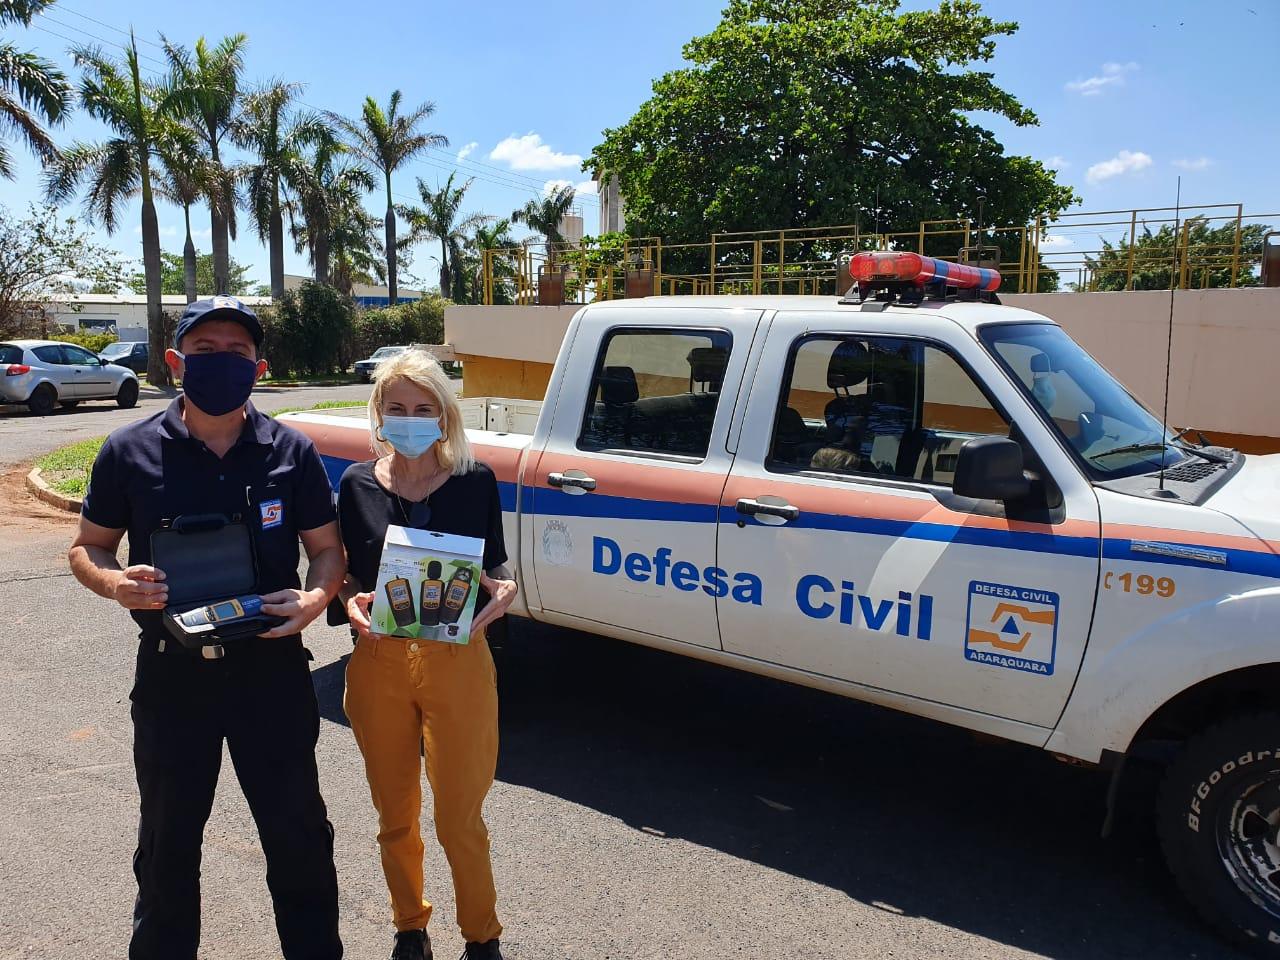 Comdema doa equipamento para observação climática à Defesa Civil